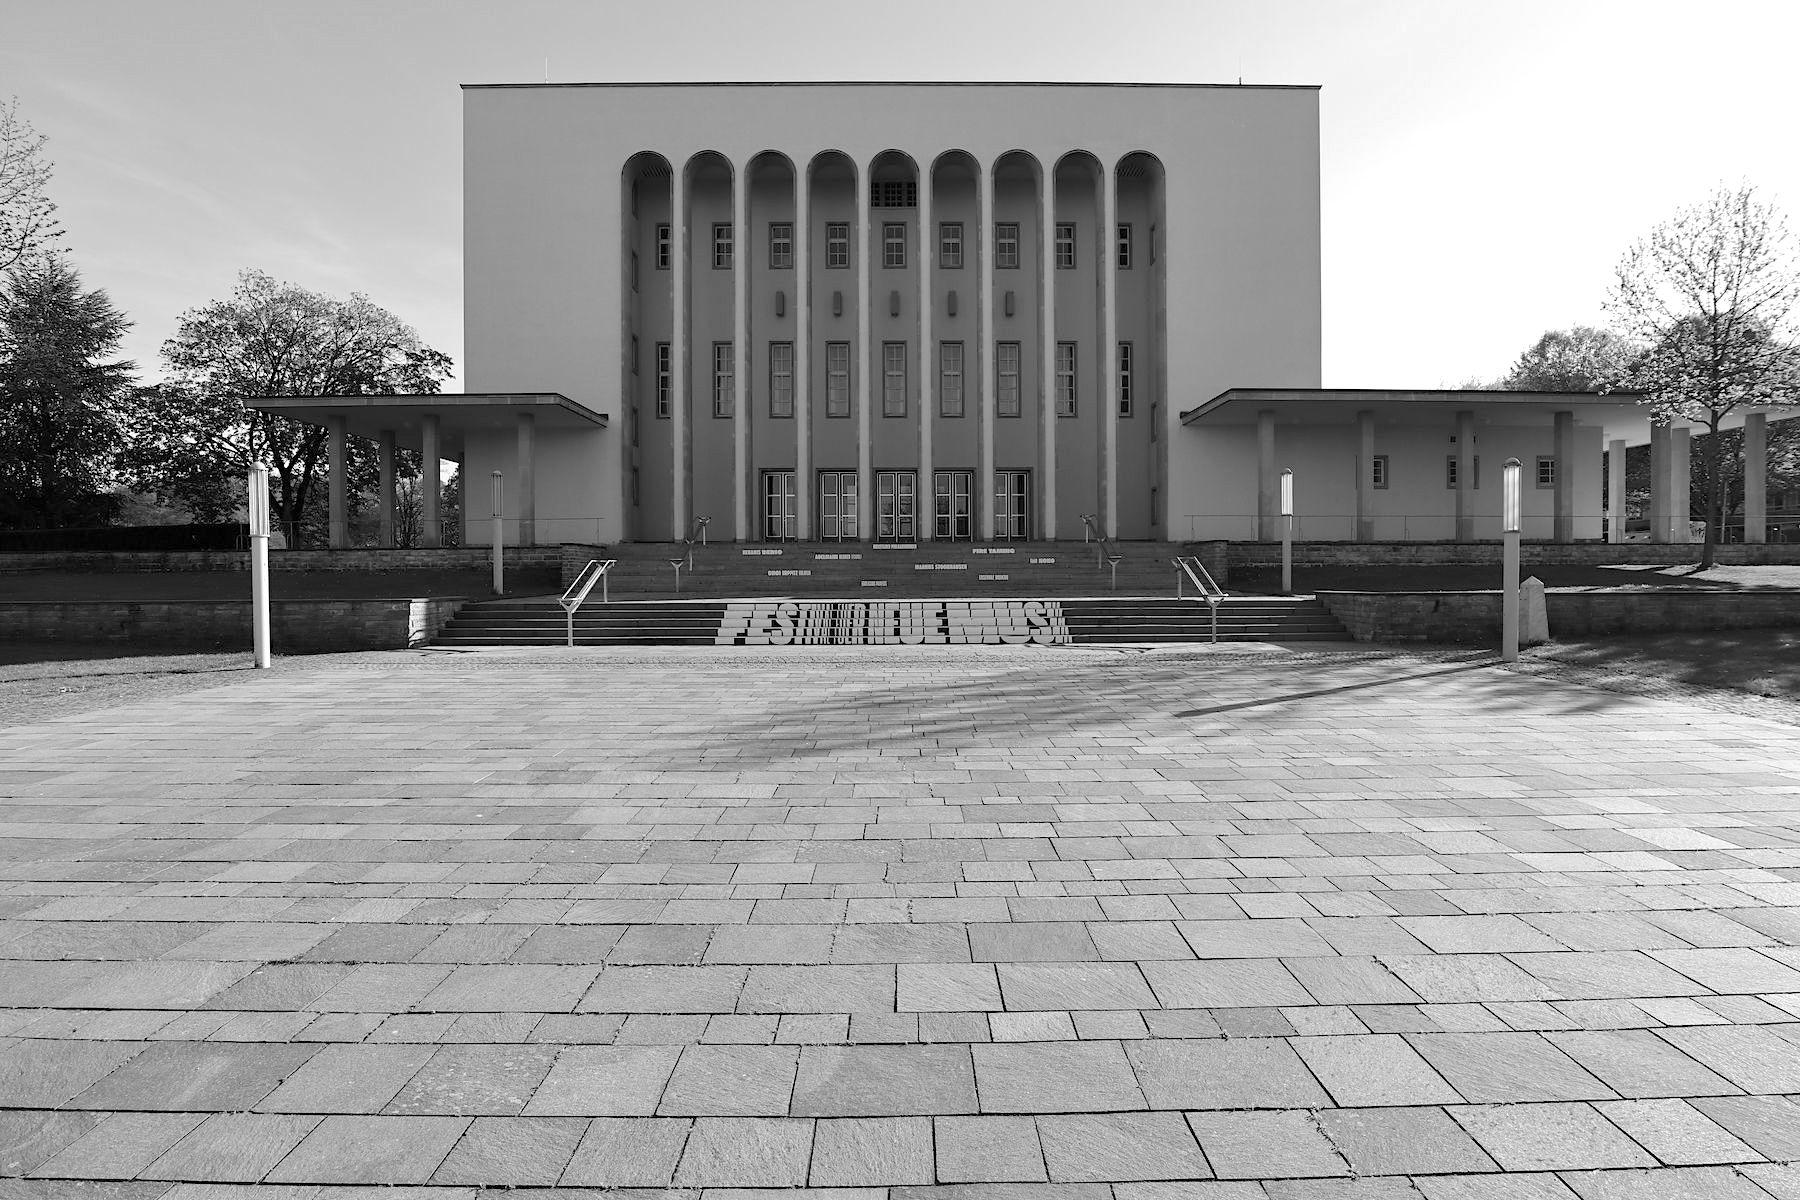 Oetkerhalle. Eine Perle der Architektur der späten 1920er-Jahre.